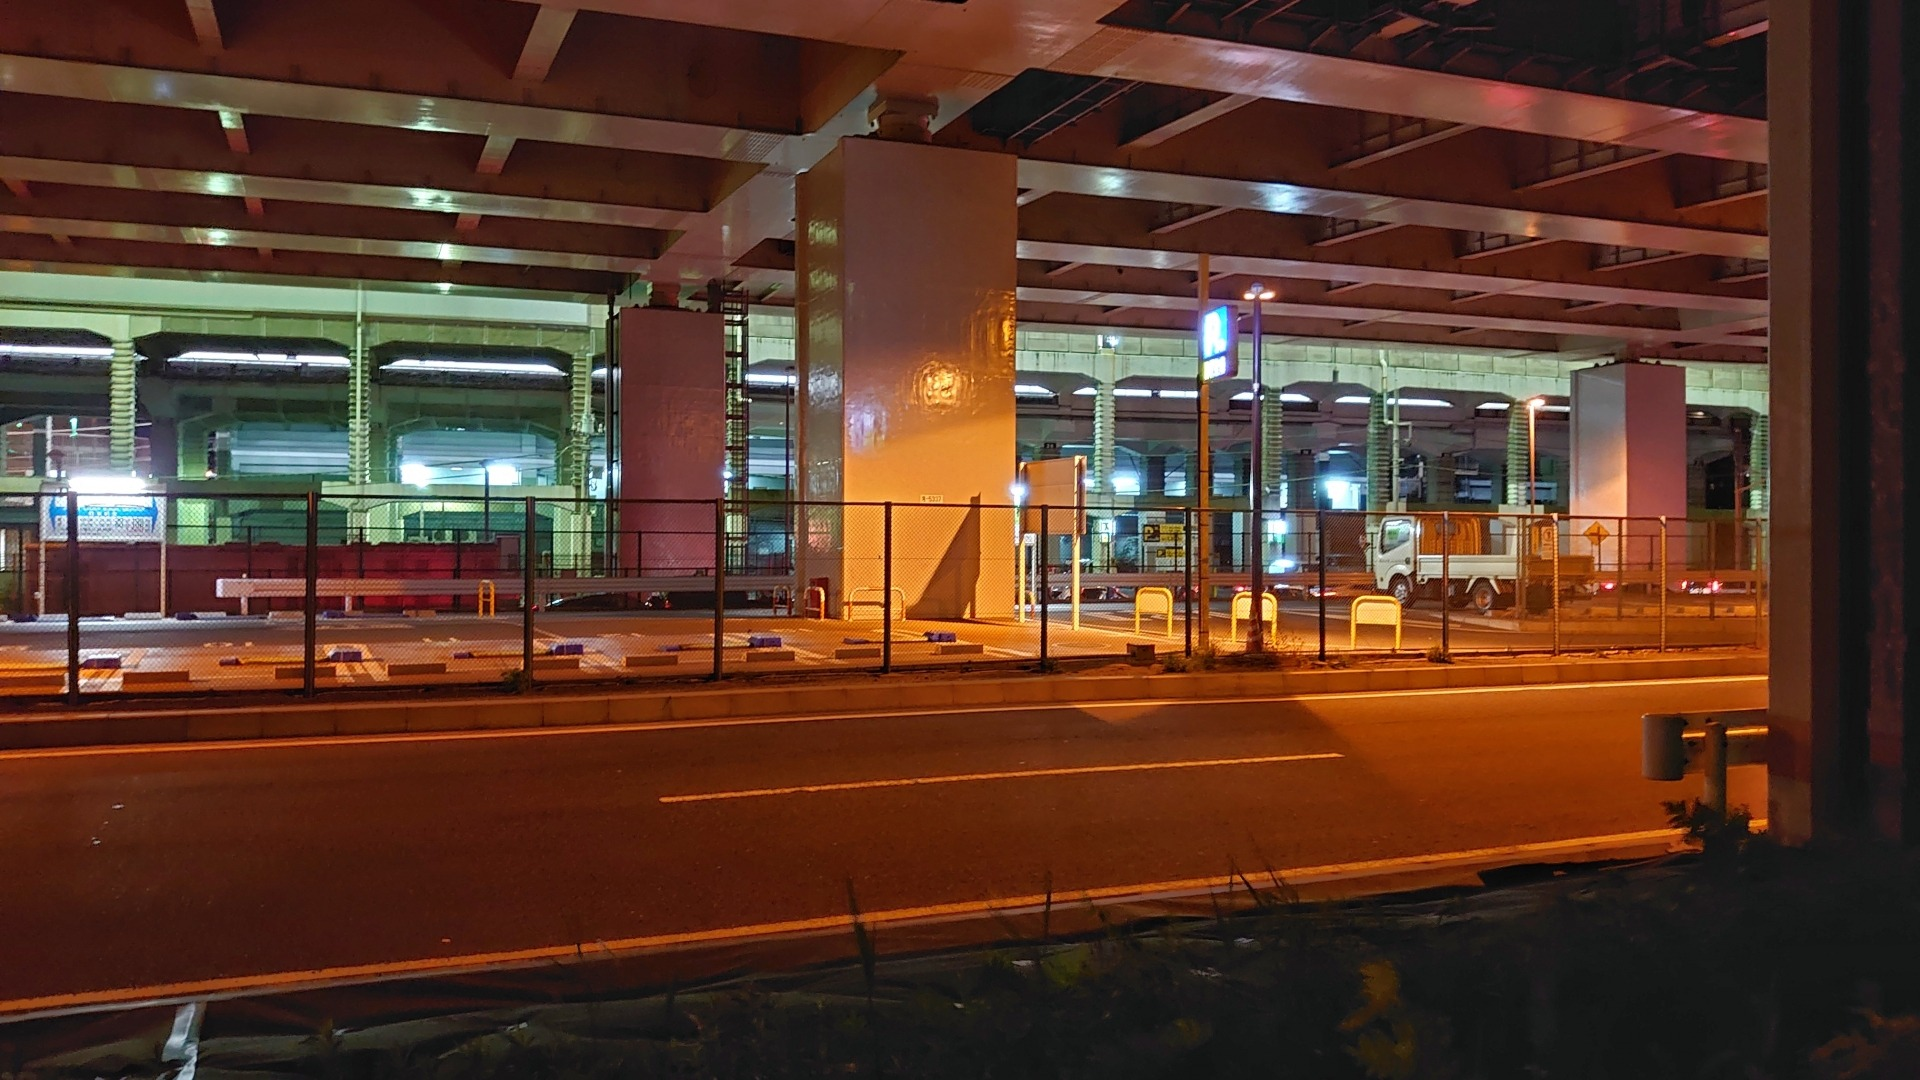 横浜市磯子区でおすすめの不用品回収業者!口コミ高評価の業者を5社厳選